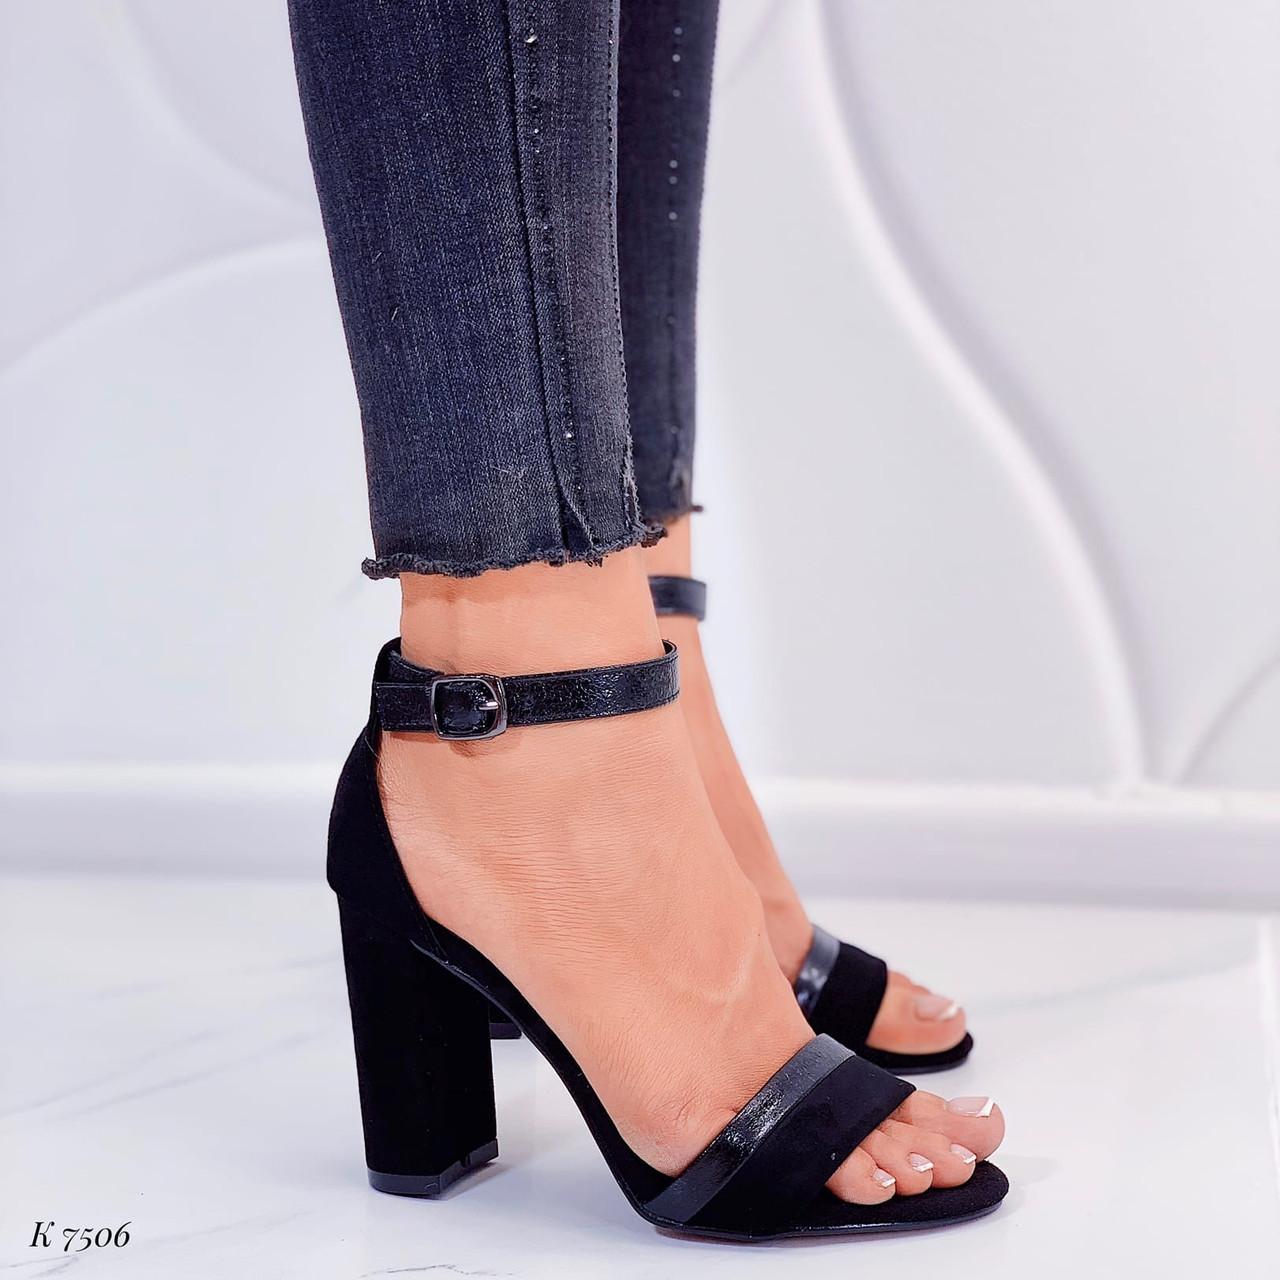 Босоножки женские черные на каблуке 10 см эко- замш + эко-кожа